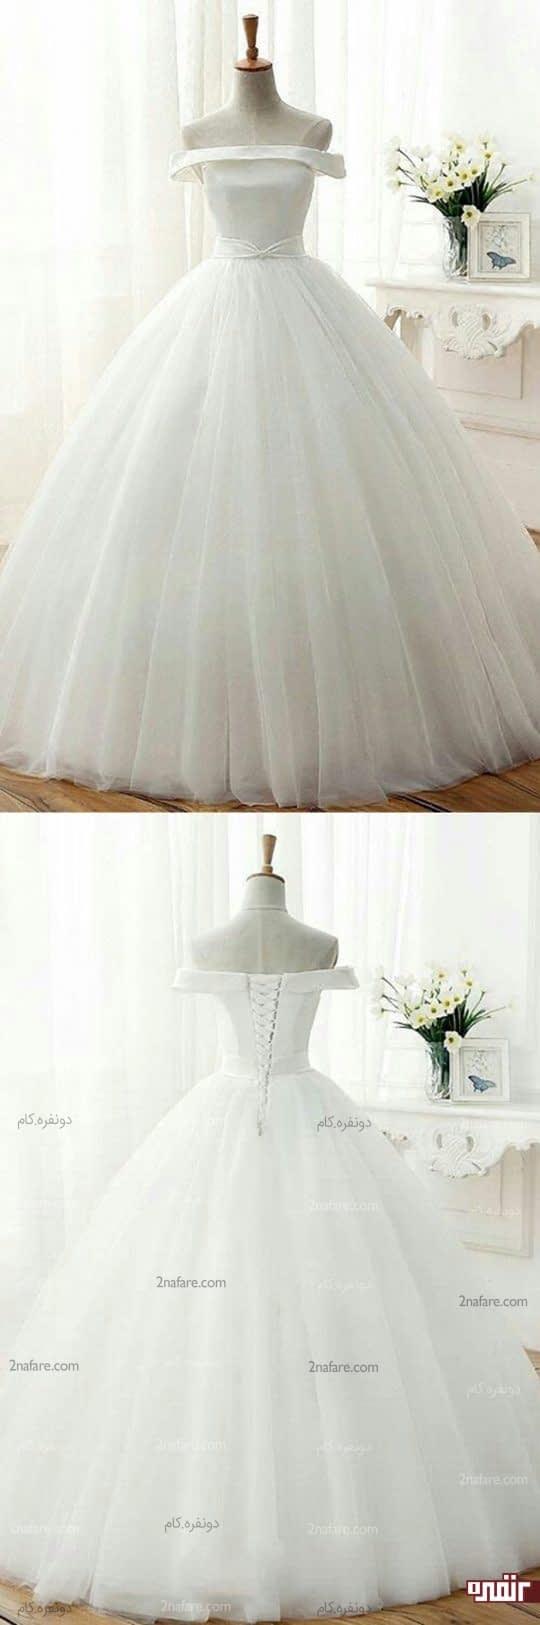 لباس عروس دامن پر چین توری